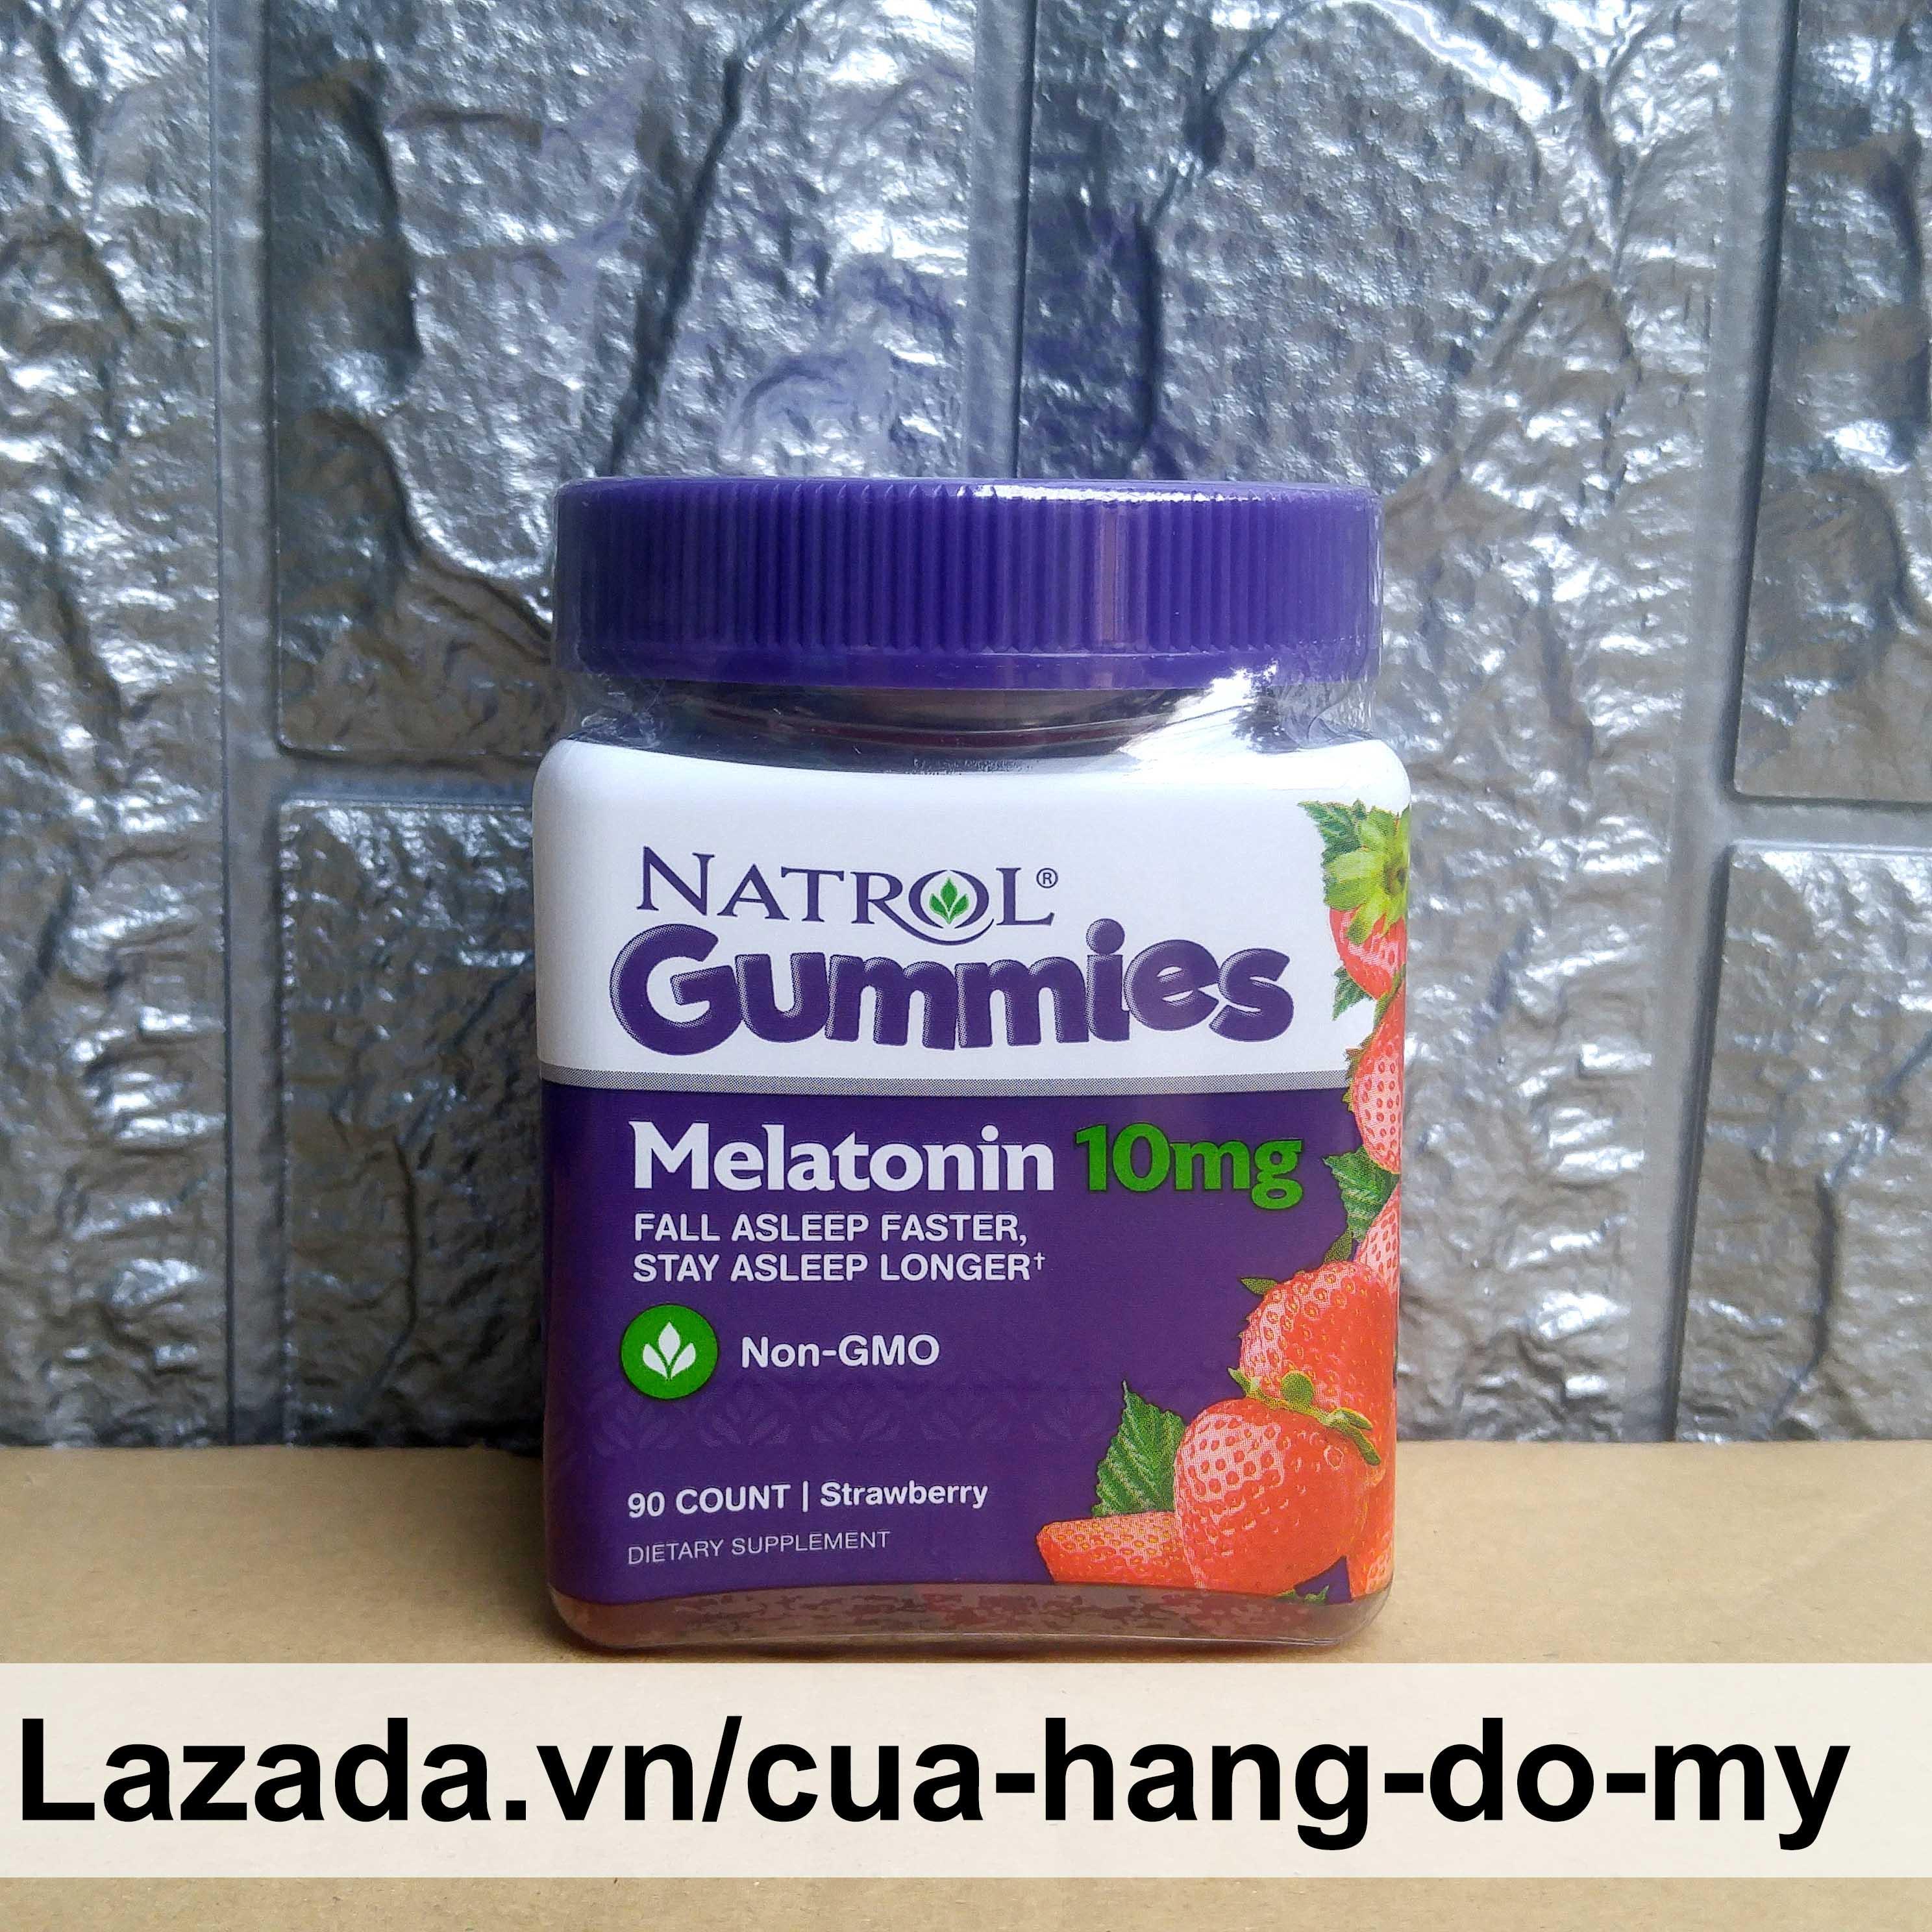 Kẹo dẻo Melatonin Giúp Ngủ Ngon Vị Dâu 90 viên - Natrol Gummies 10mg cao cấp